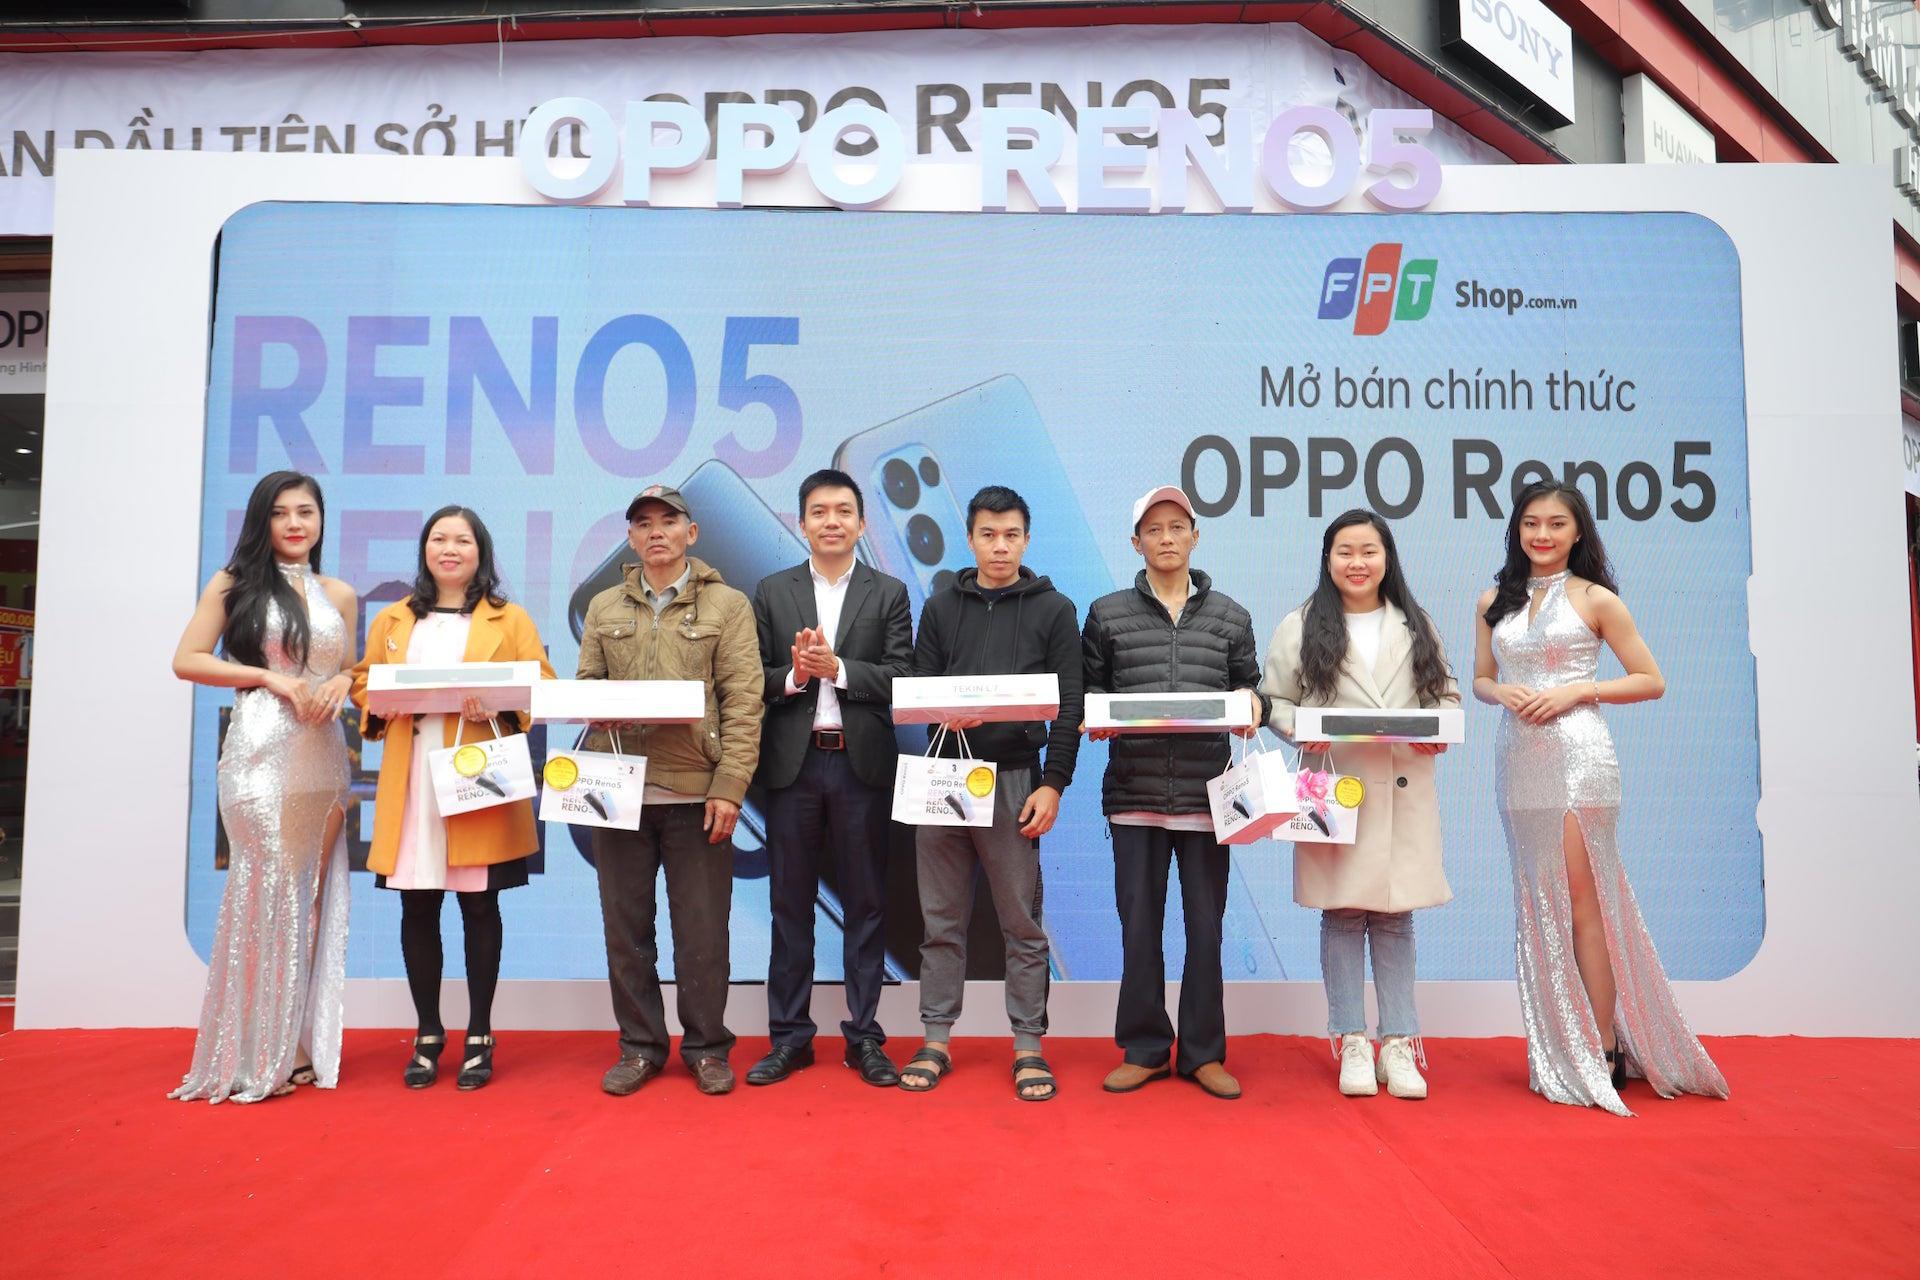 OPPO Reno5: smartphone bán chạy nhất Việt Nam Quý I/2021